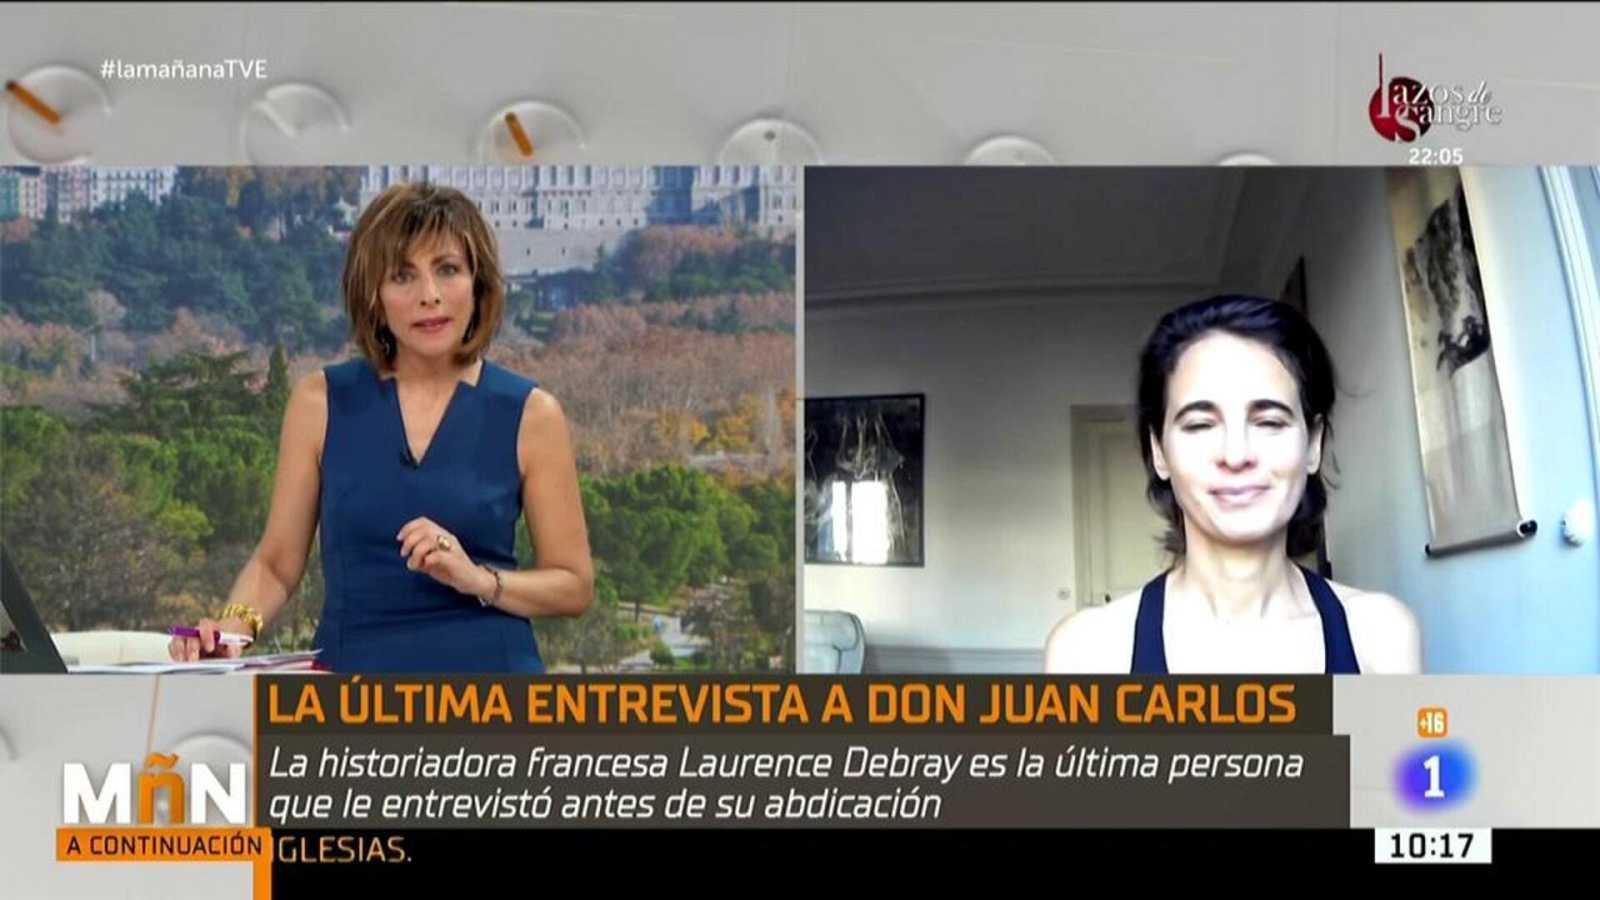 Laurence Debray, la última persona que entrevistó a Juan Carlos